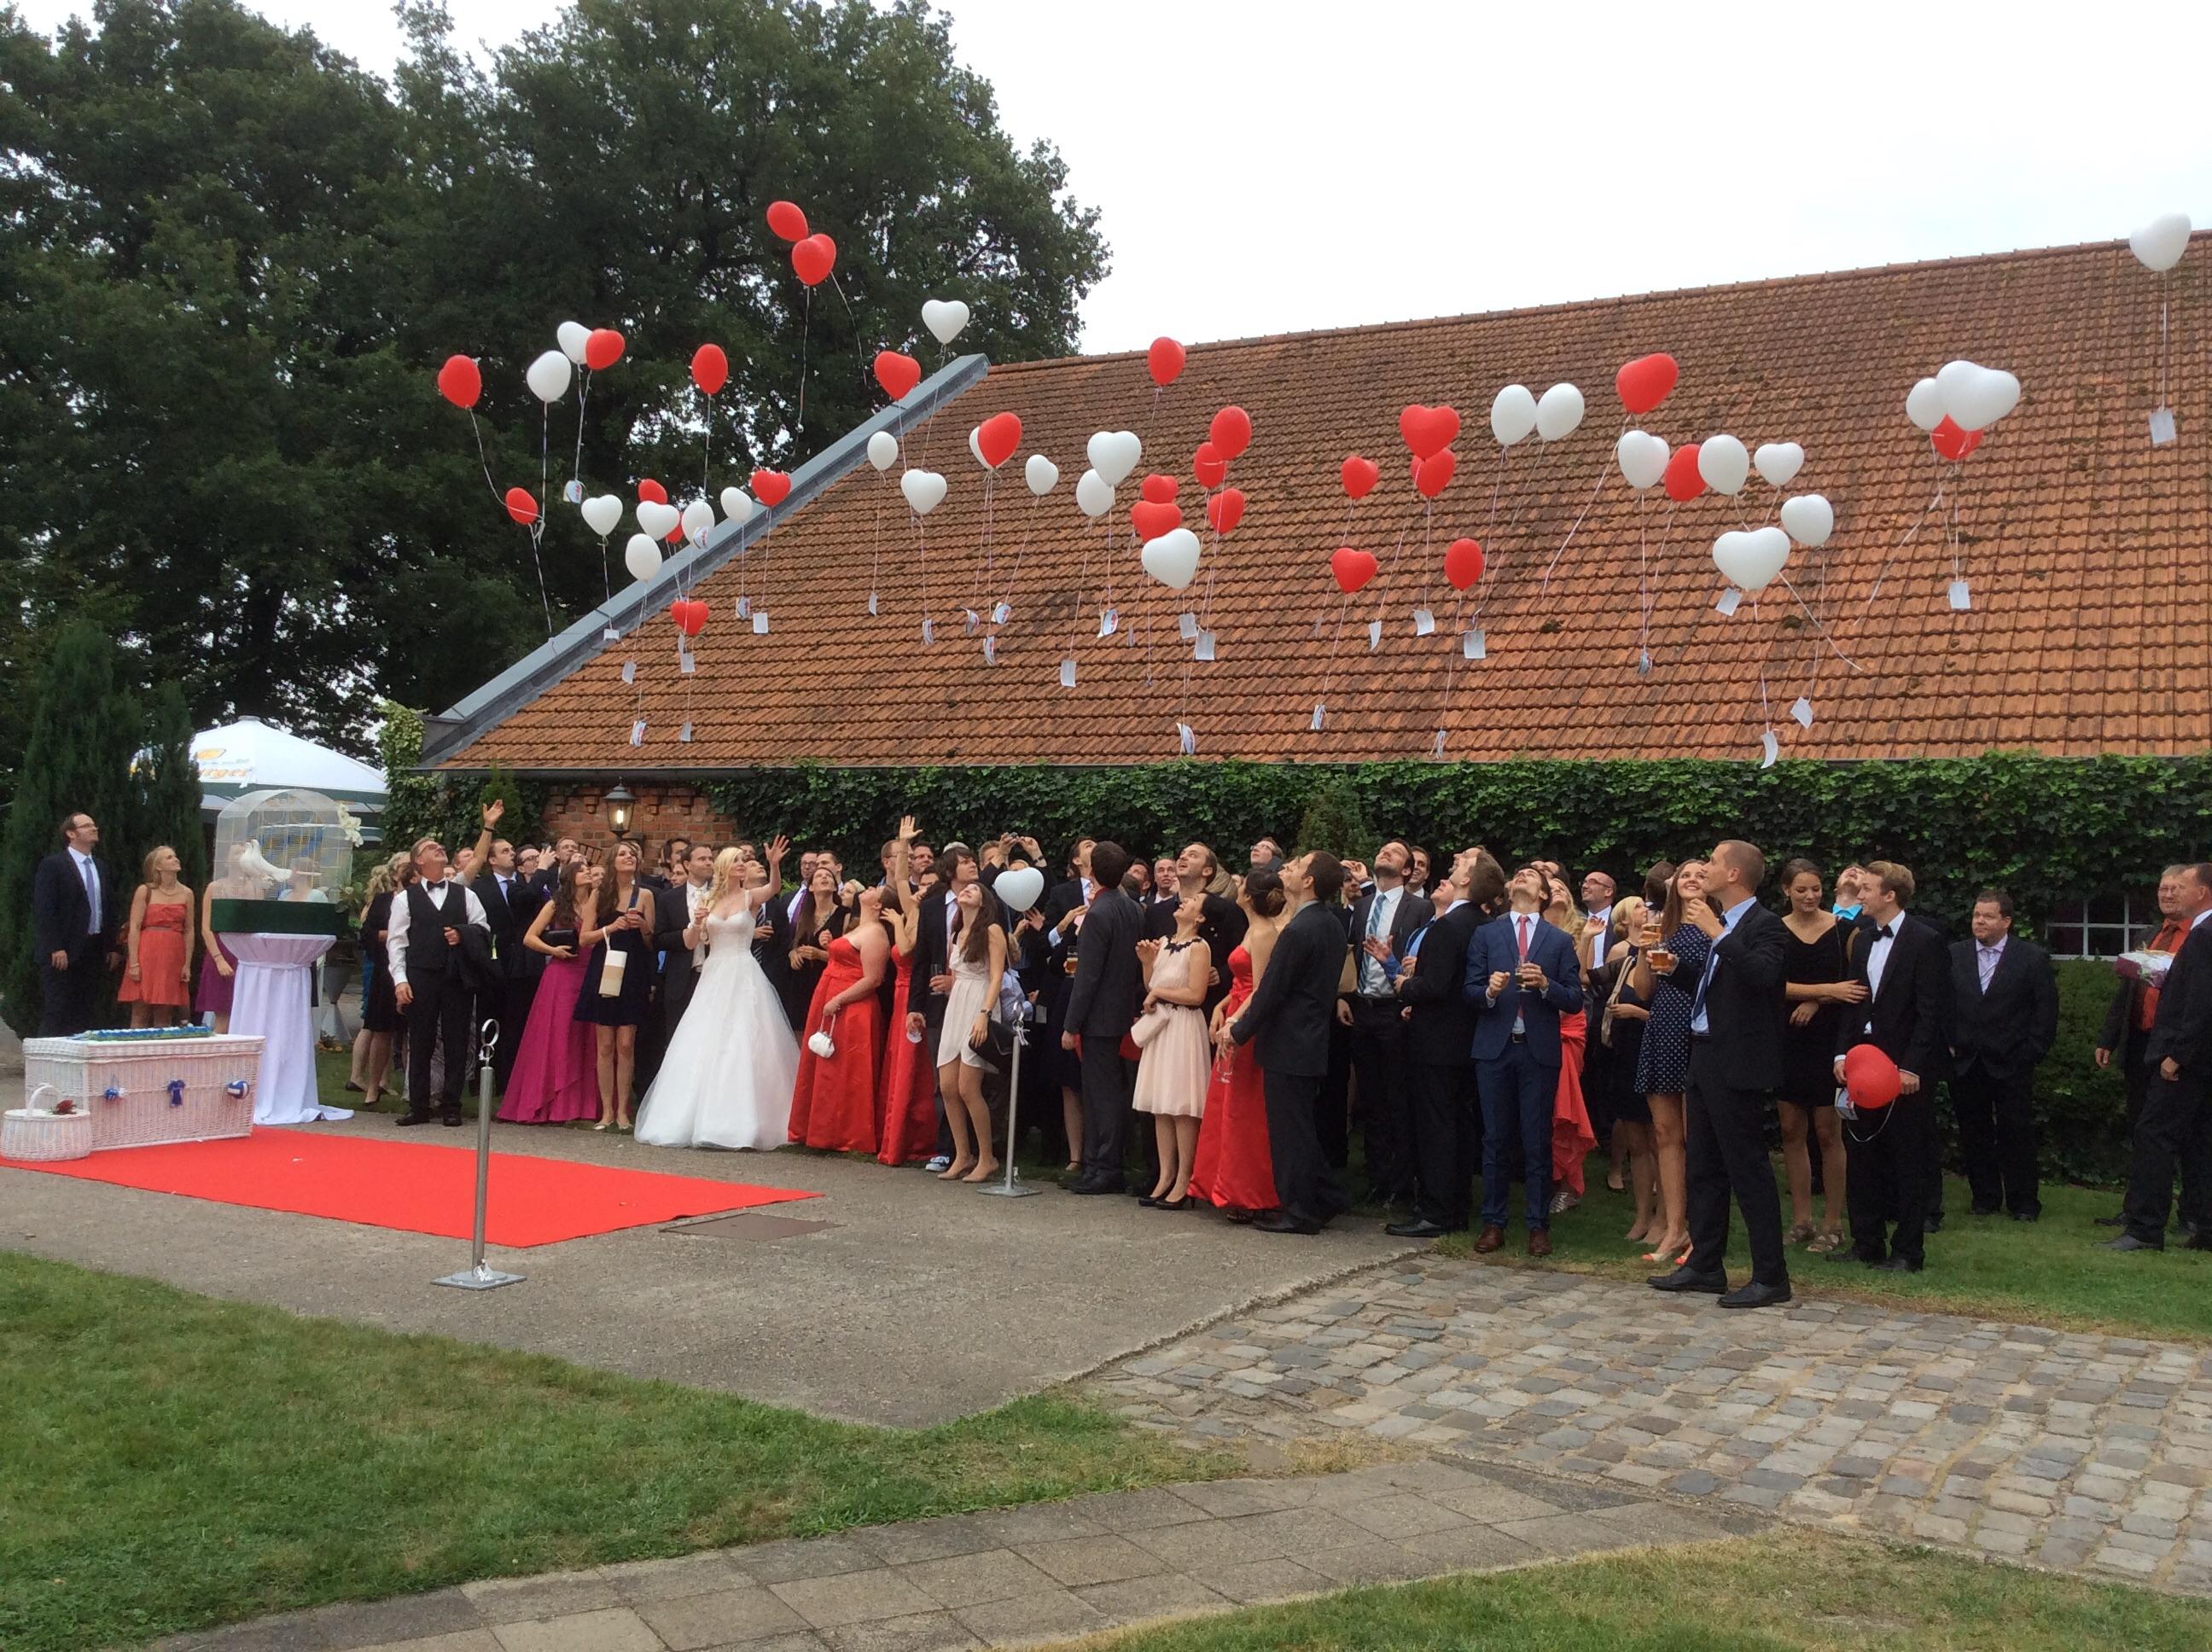 Hochzeitstage Messe In Munster